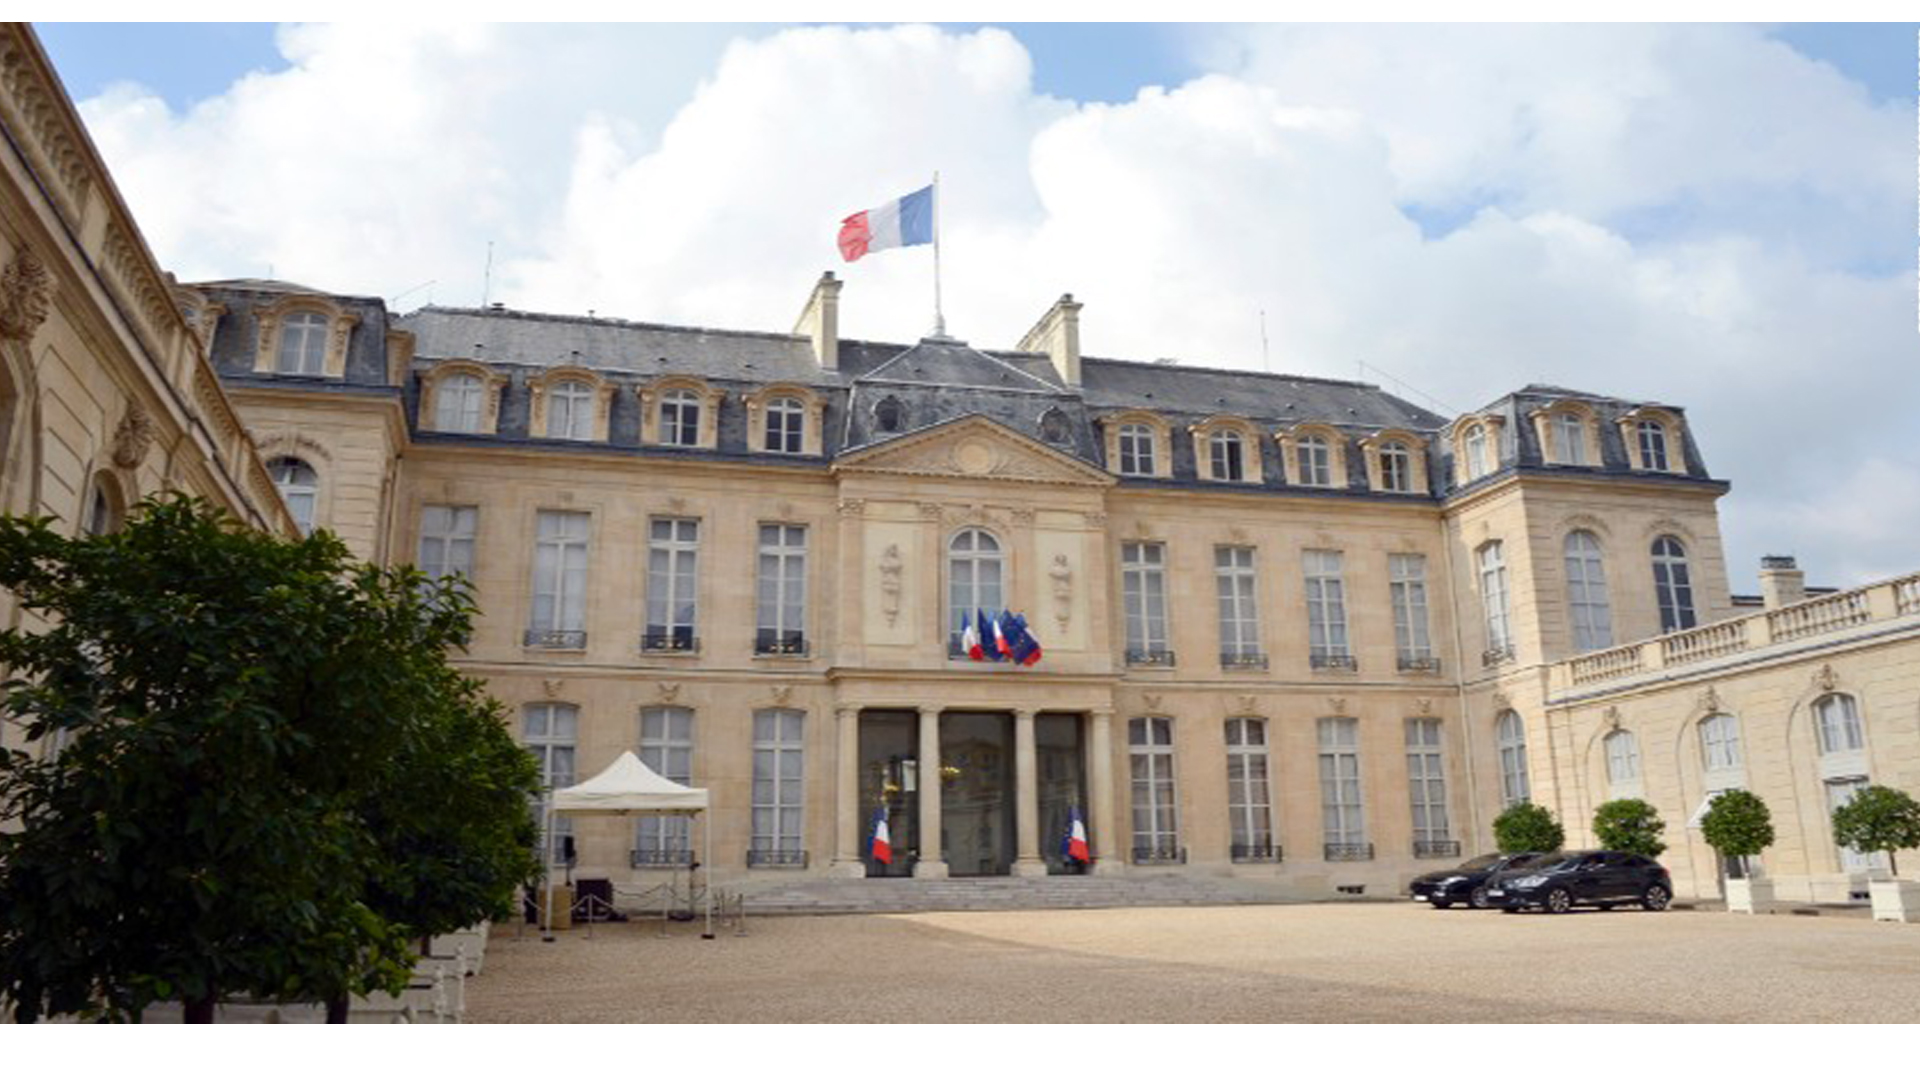 Fransa texnologiya şirkətlərinə vergi qoyulması üçün qətiyyət göstərir